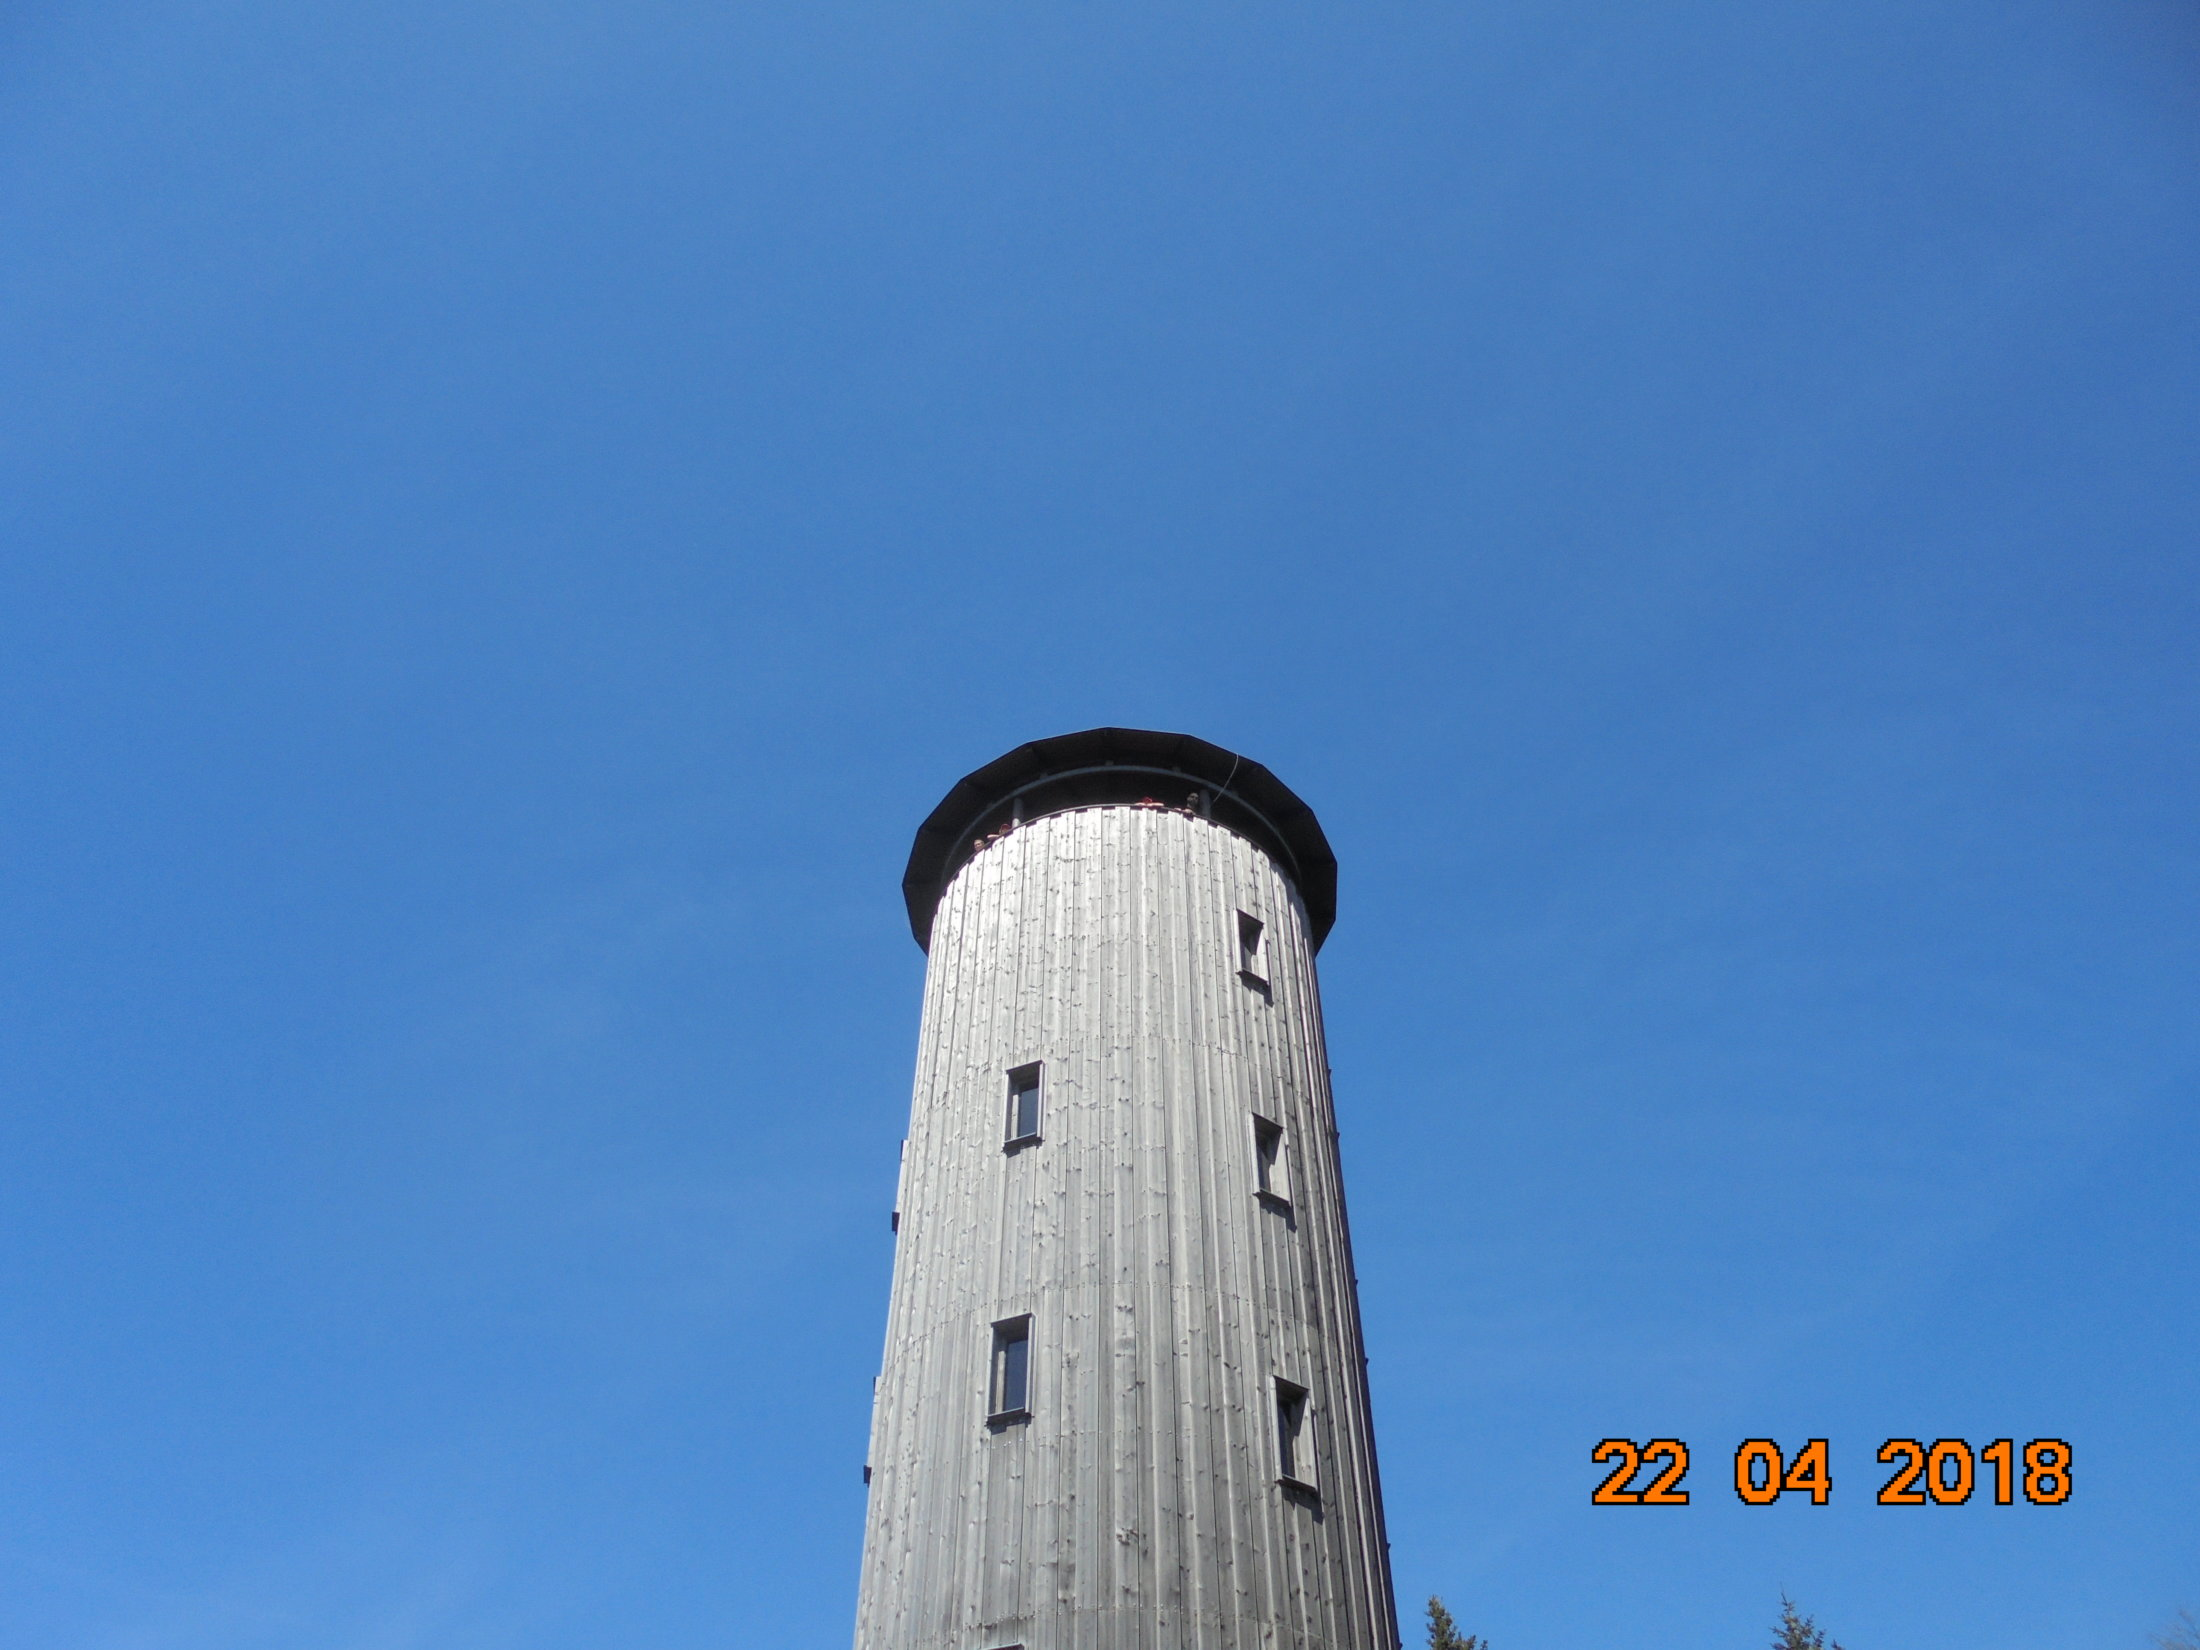 widok na wieżę na Borowkowej